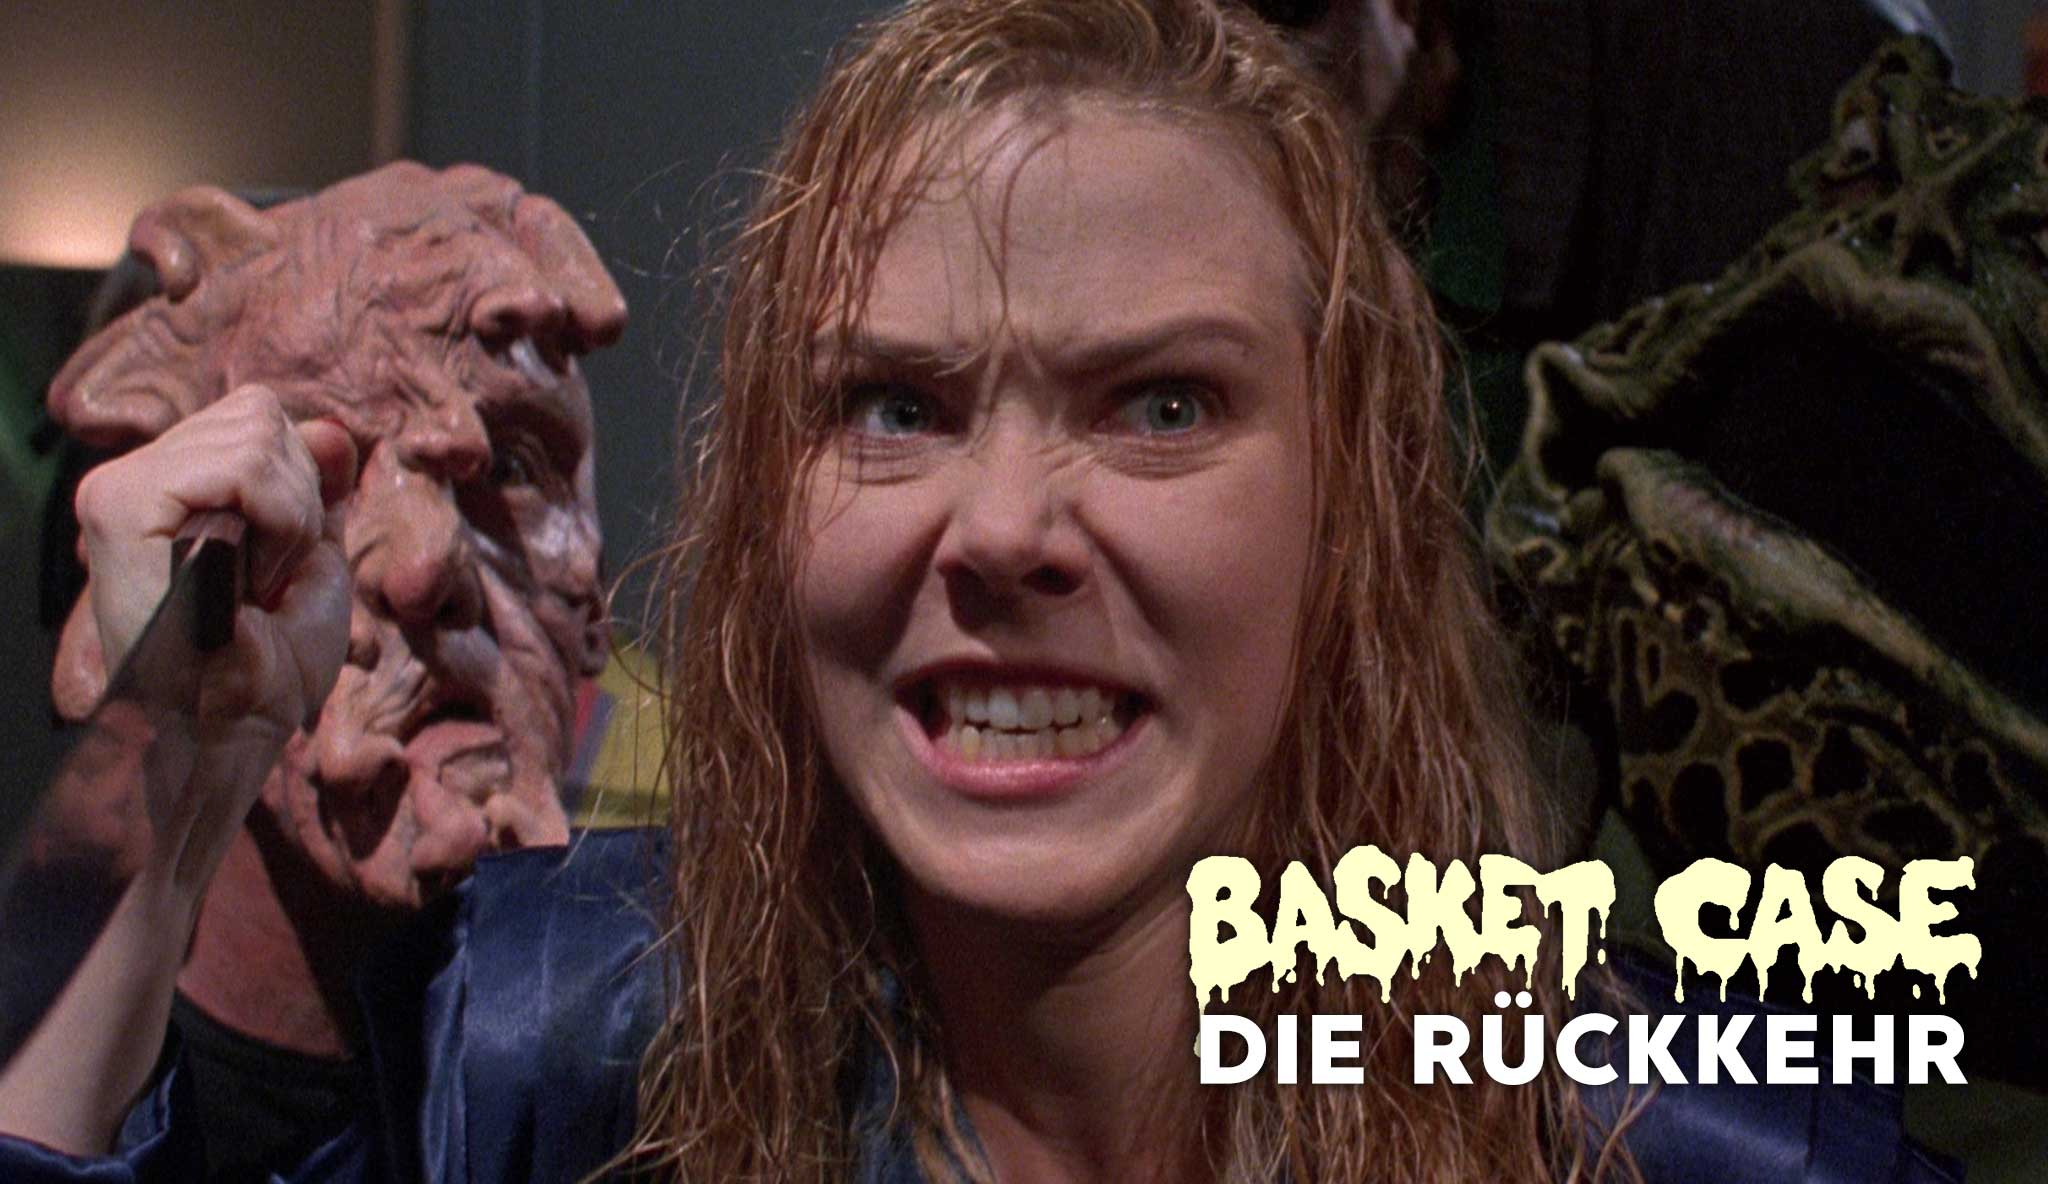 basket-case-2-die-ruckkehr\header.jpg